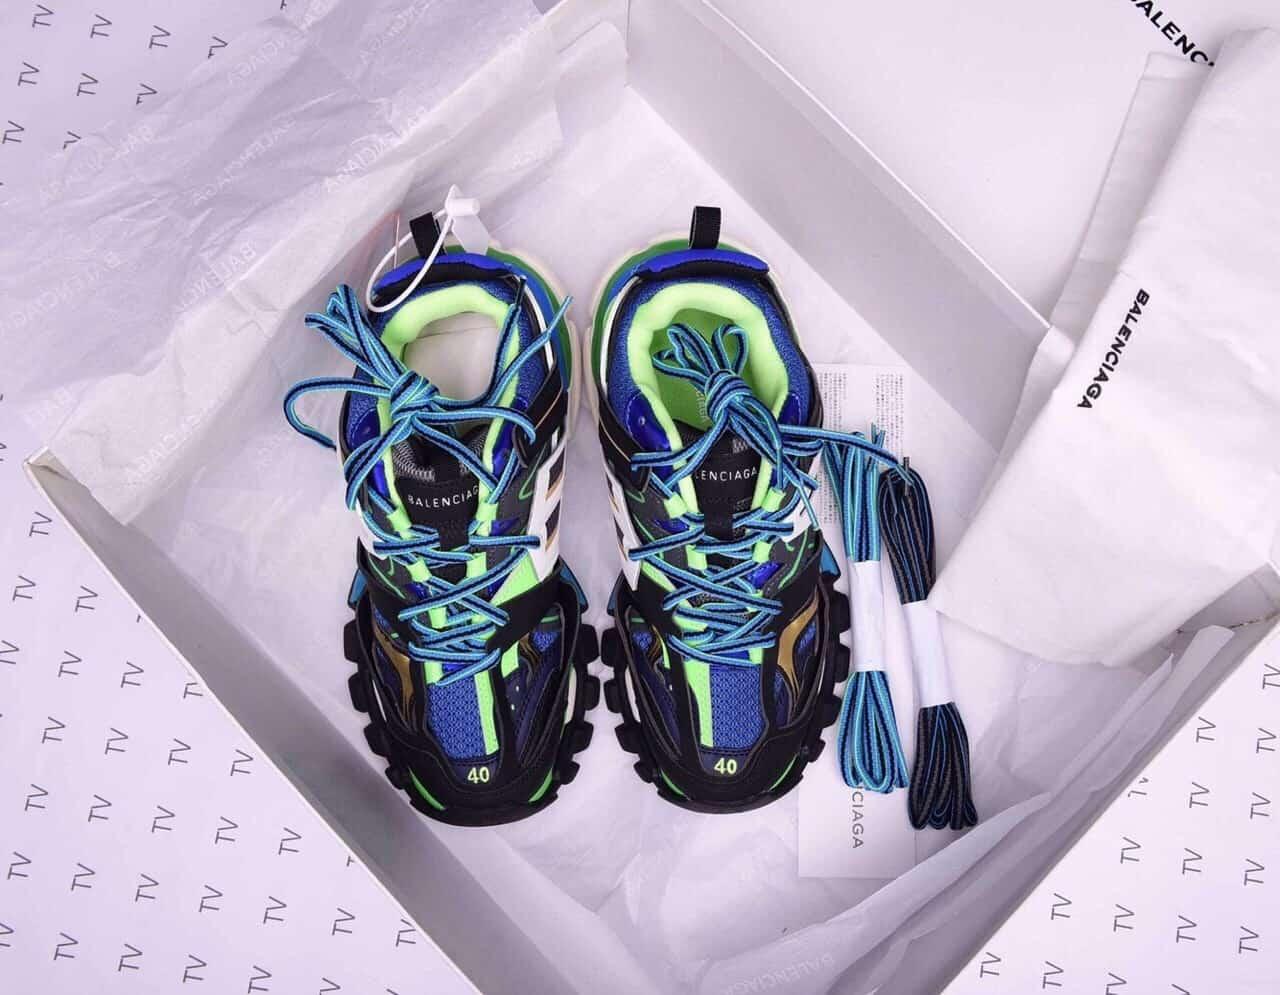 BT Sneaker - xưởng sản xuất giày thể thao tốt nhất tại HCM